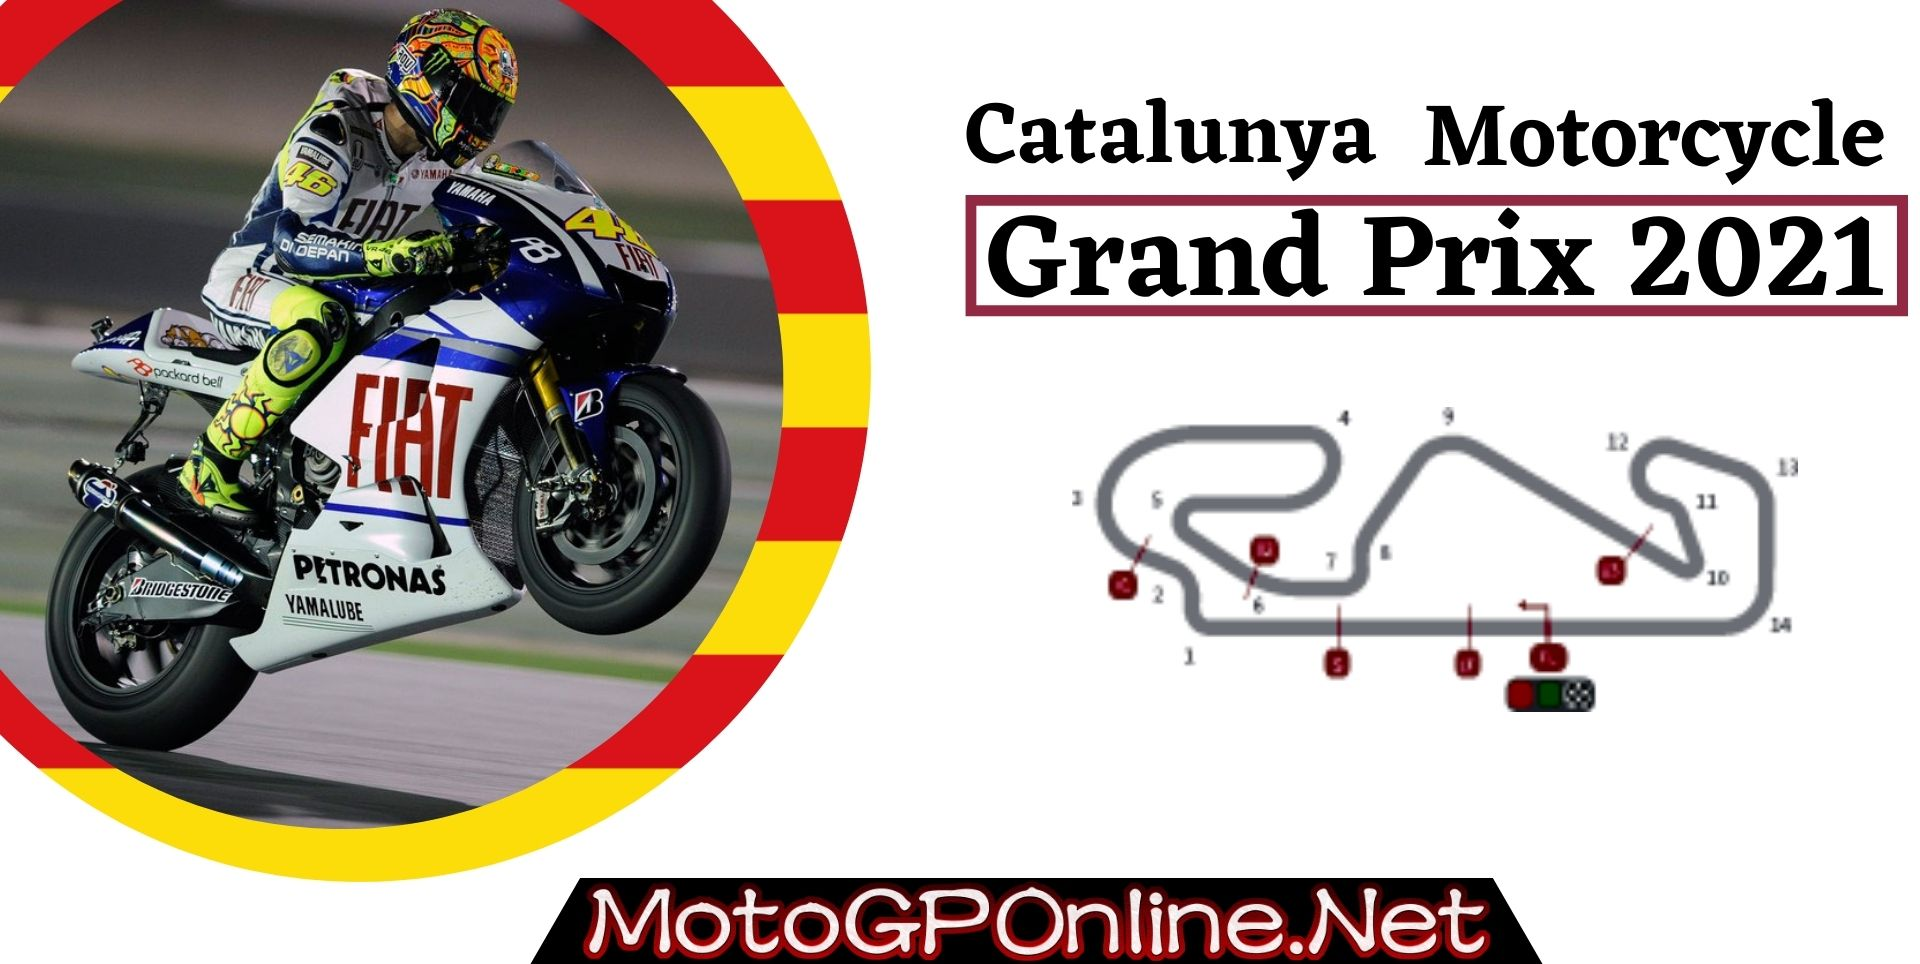 Catalunya Grand Prix Live Stream MotoGP 2021 | Full Race Replay